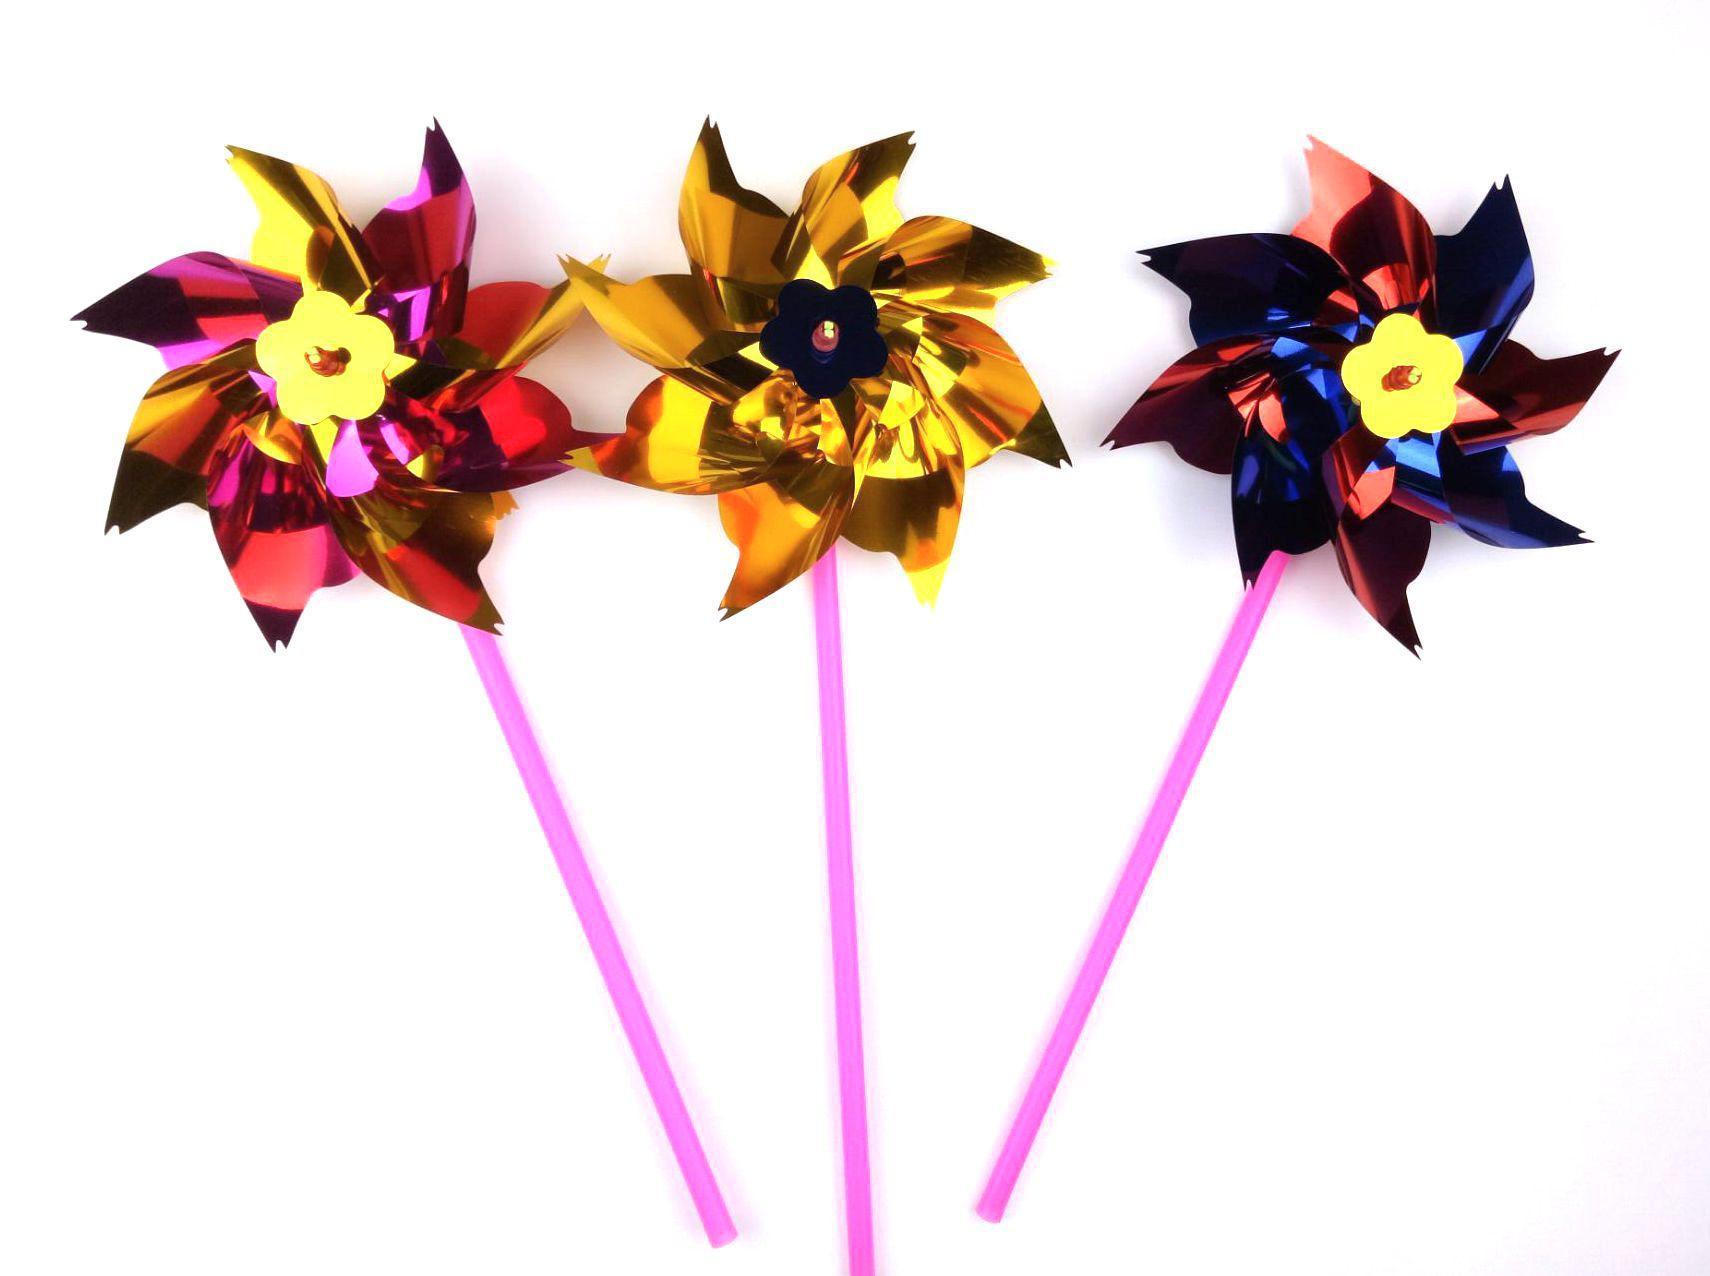 الملونة الجدة لعبة البلاستيك طاحونة دولاب الهواء الذاتي التجمع حديقة الحديقة حزب لعبة هدية للأولاد البنات الطفل في الهواء